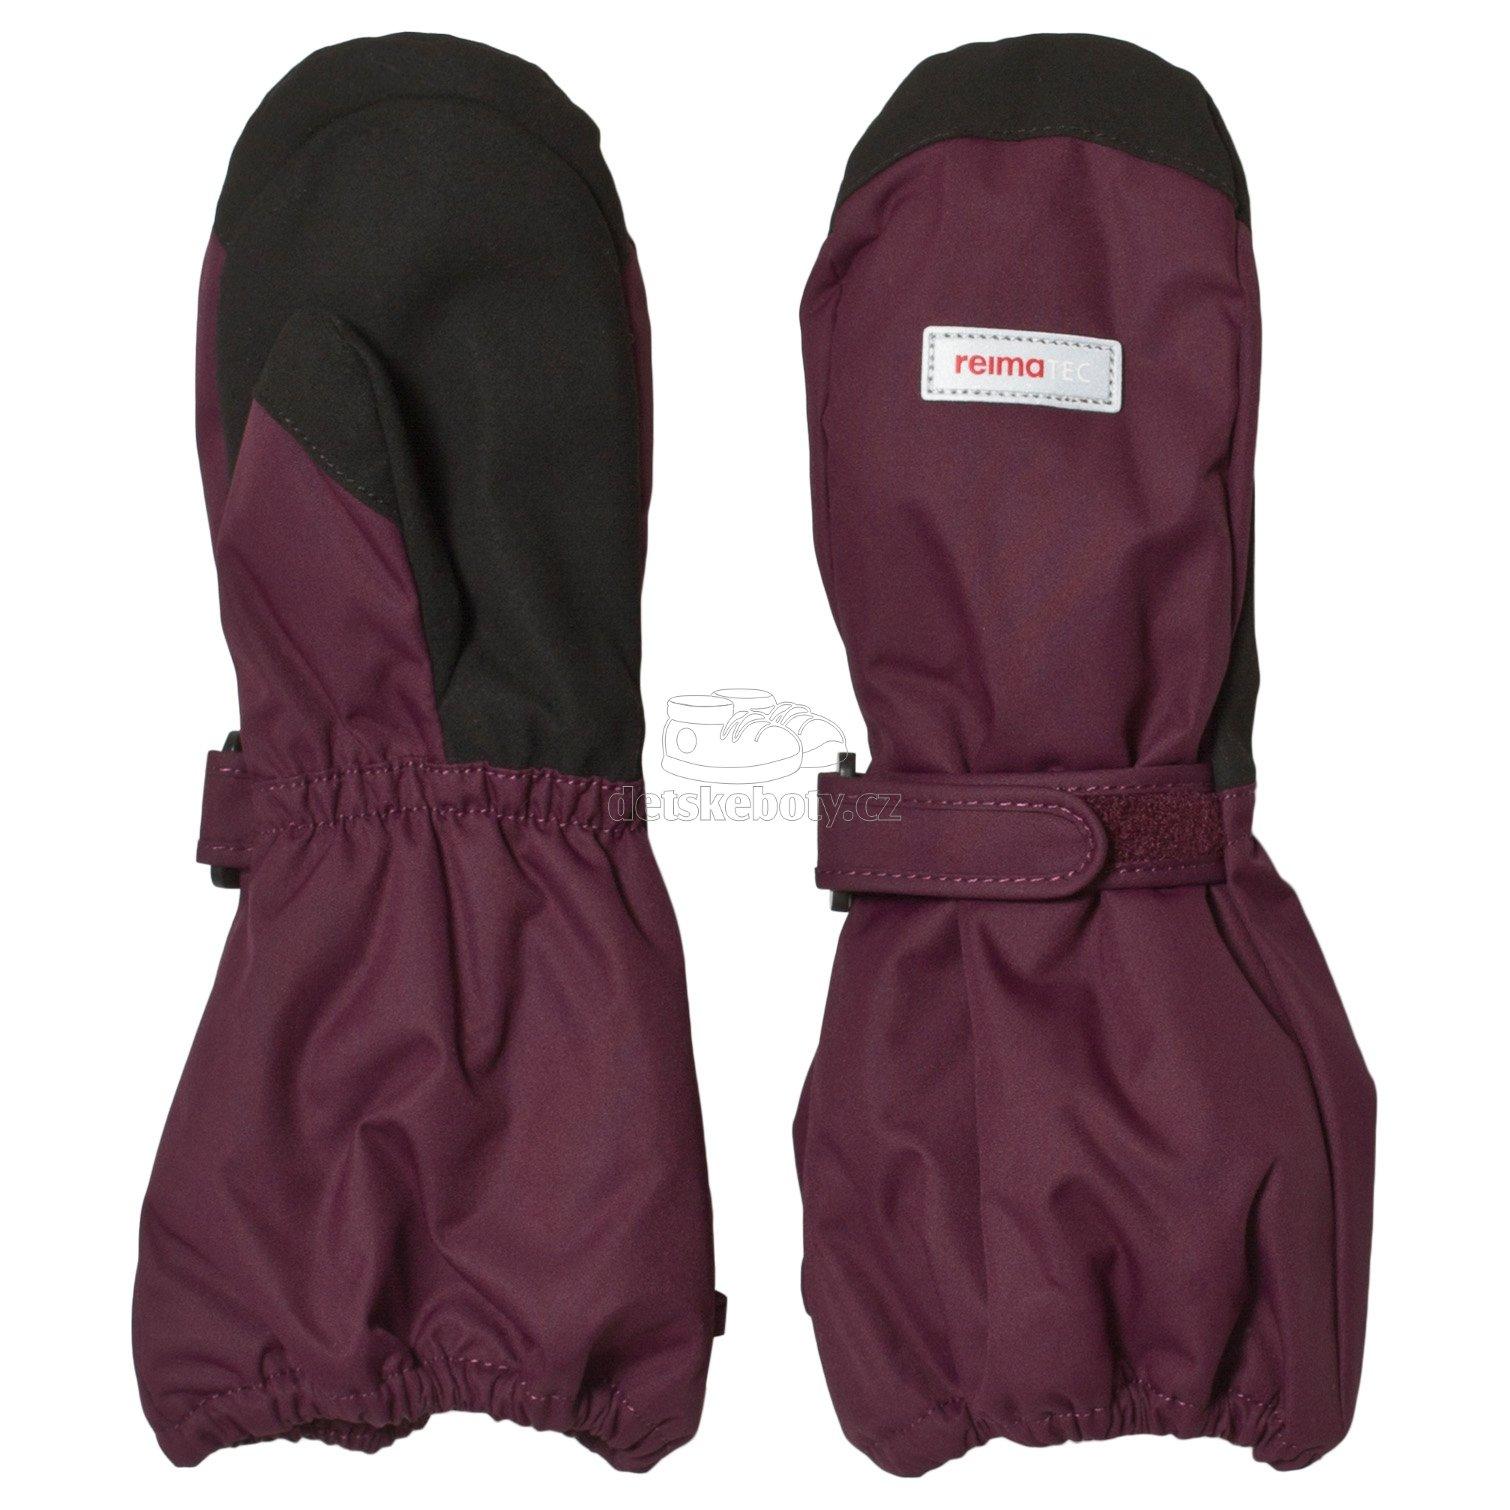 Dětské rukavice Reima 527288 Ote purple